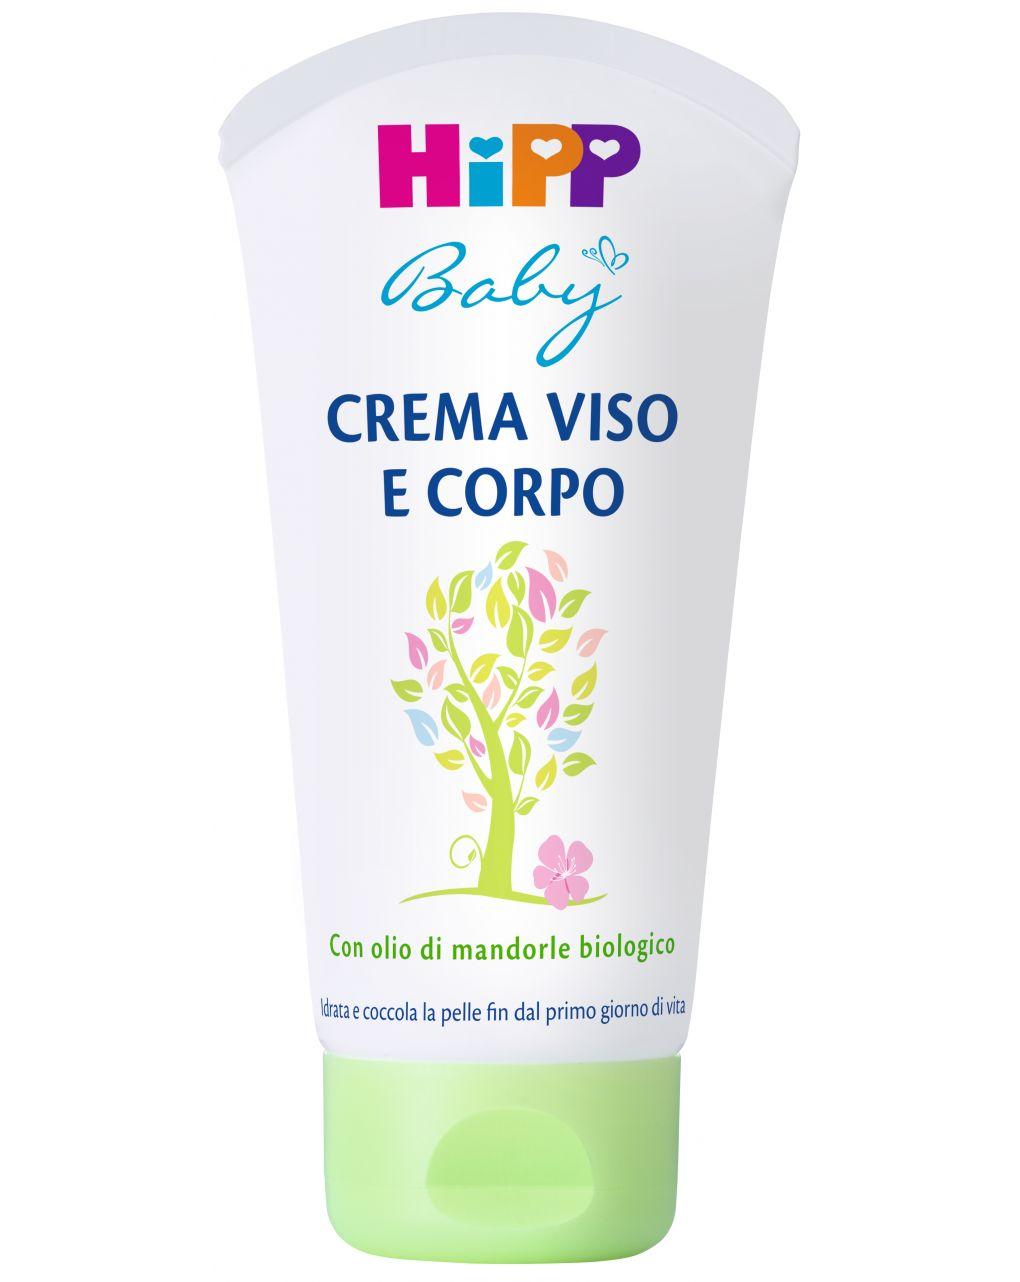 Crema viso e corpo 75 ml - Hipp